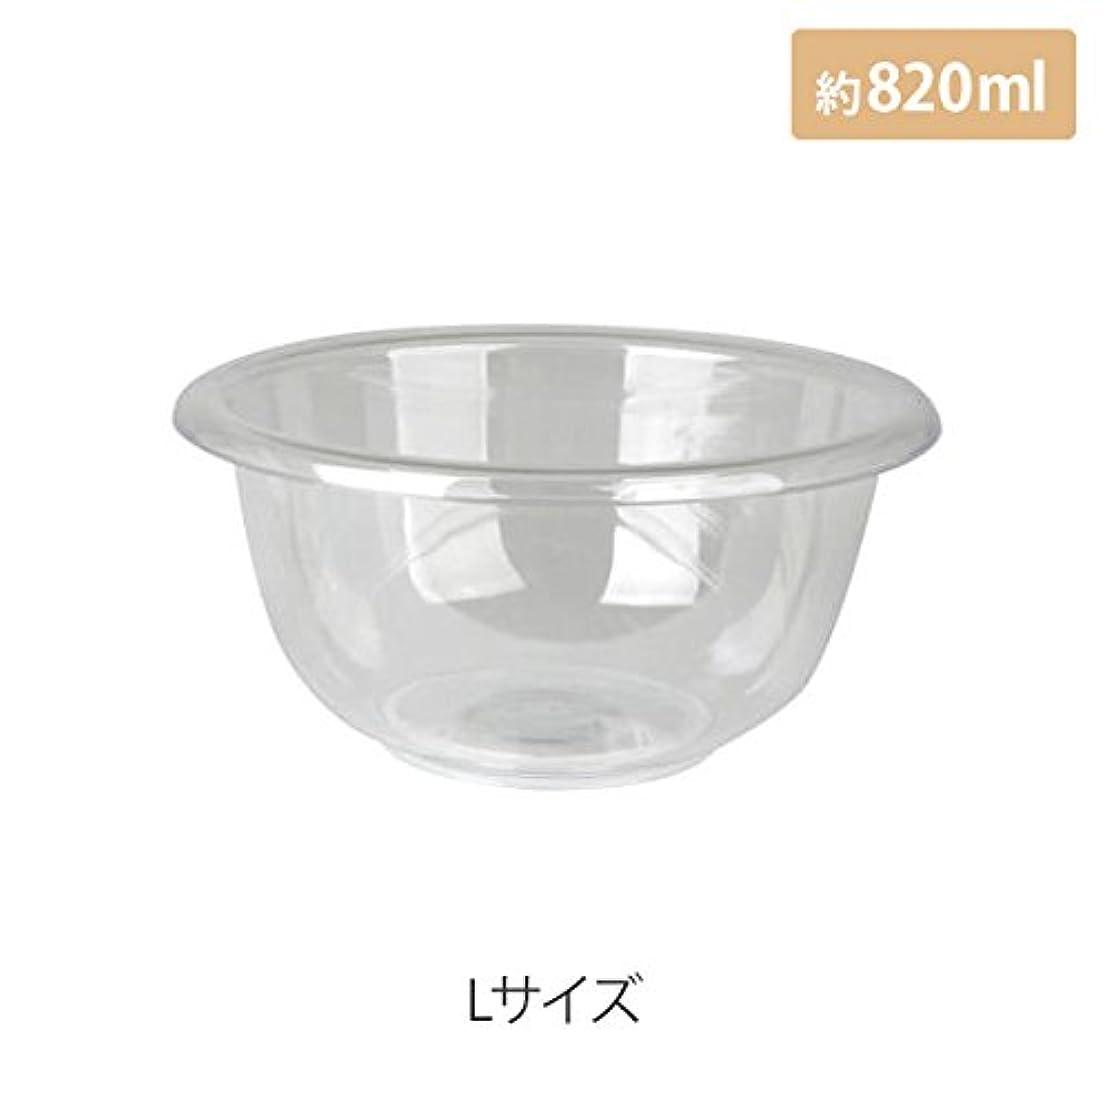 確立します一般化する権限を与えるマイスター プラスティックボウル (Lサイズ) クリア 直径19.5cm [ プラスチックボール カップボウル カップボール エステ サロン プラスチック ボウル カップ 割れない ]